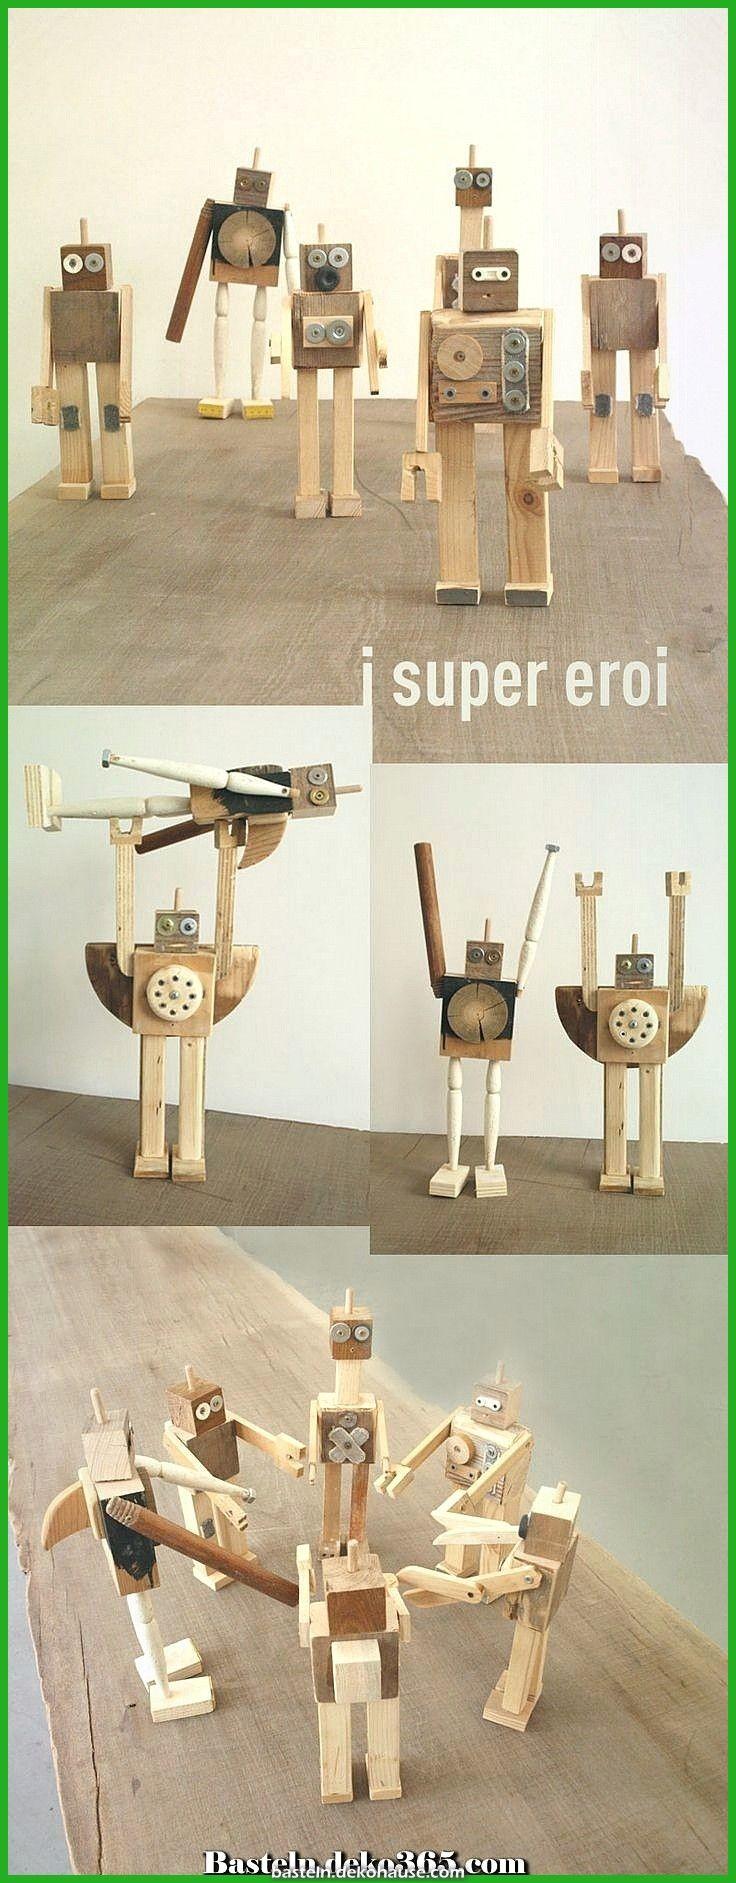 Legendär Kreative und lustige Holzspielzeugroboter …. Wer baut mit Jungs? Tri …